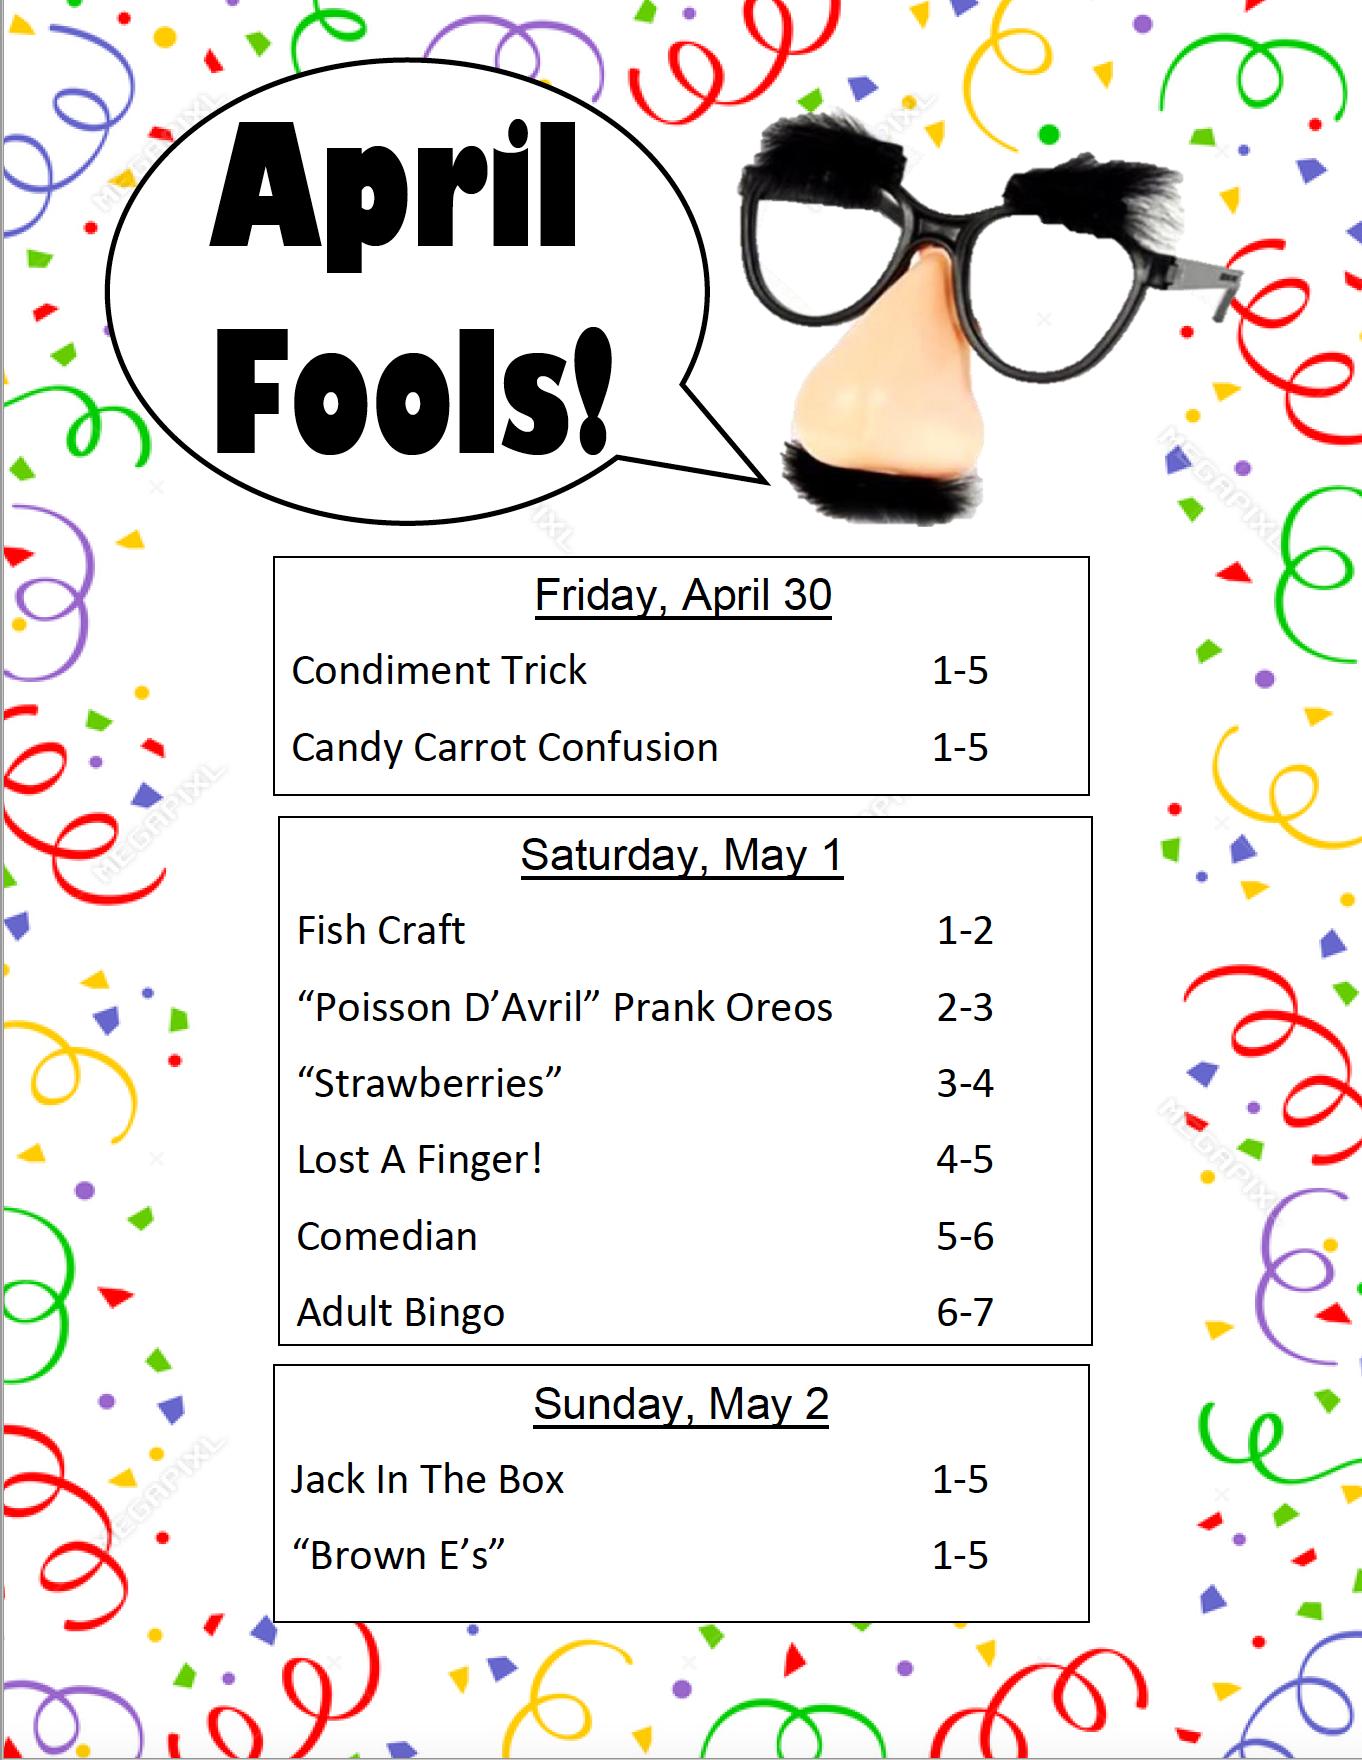 April Fools VOR 2021